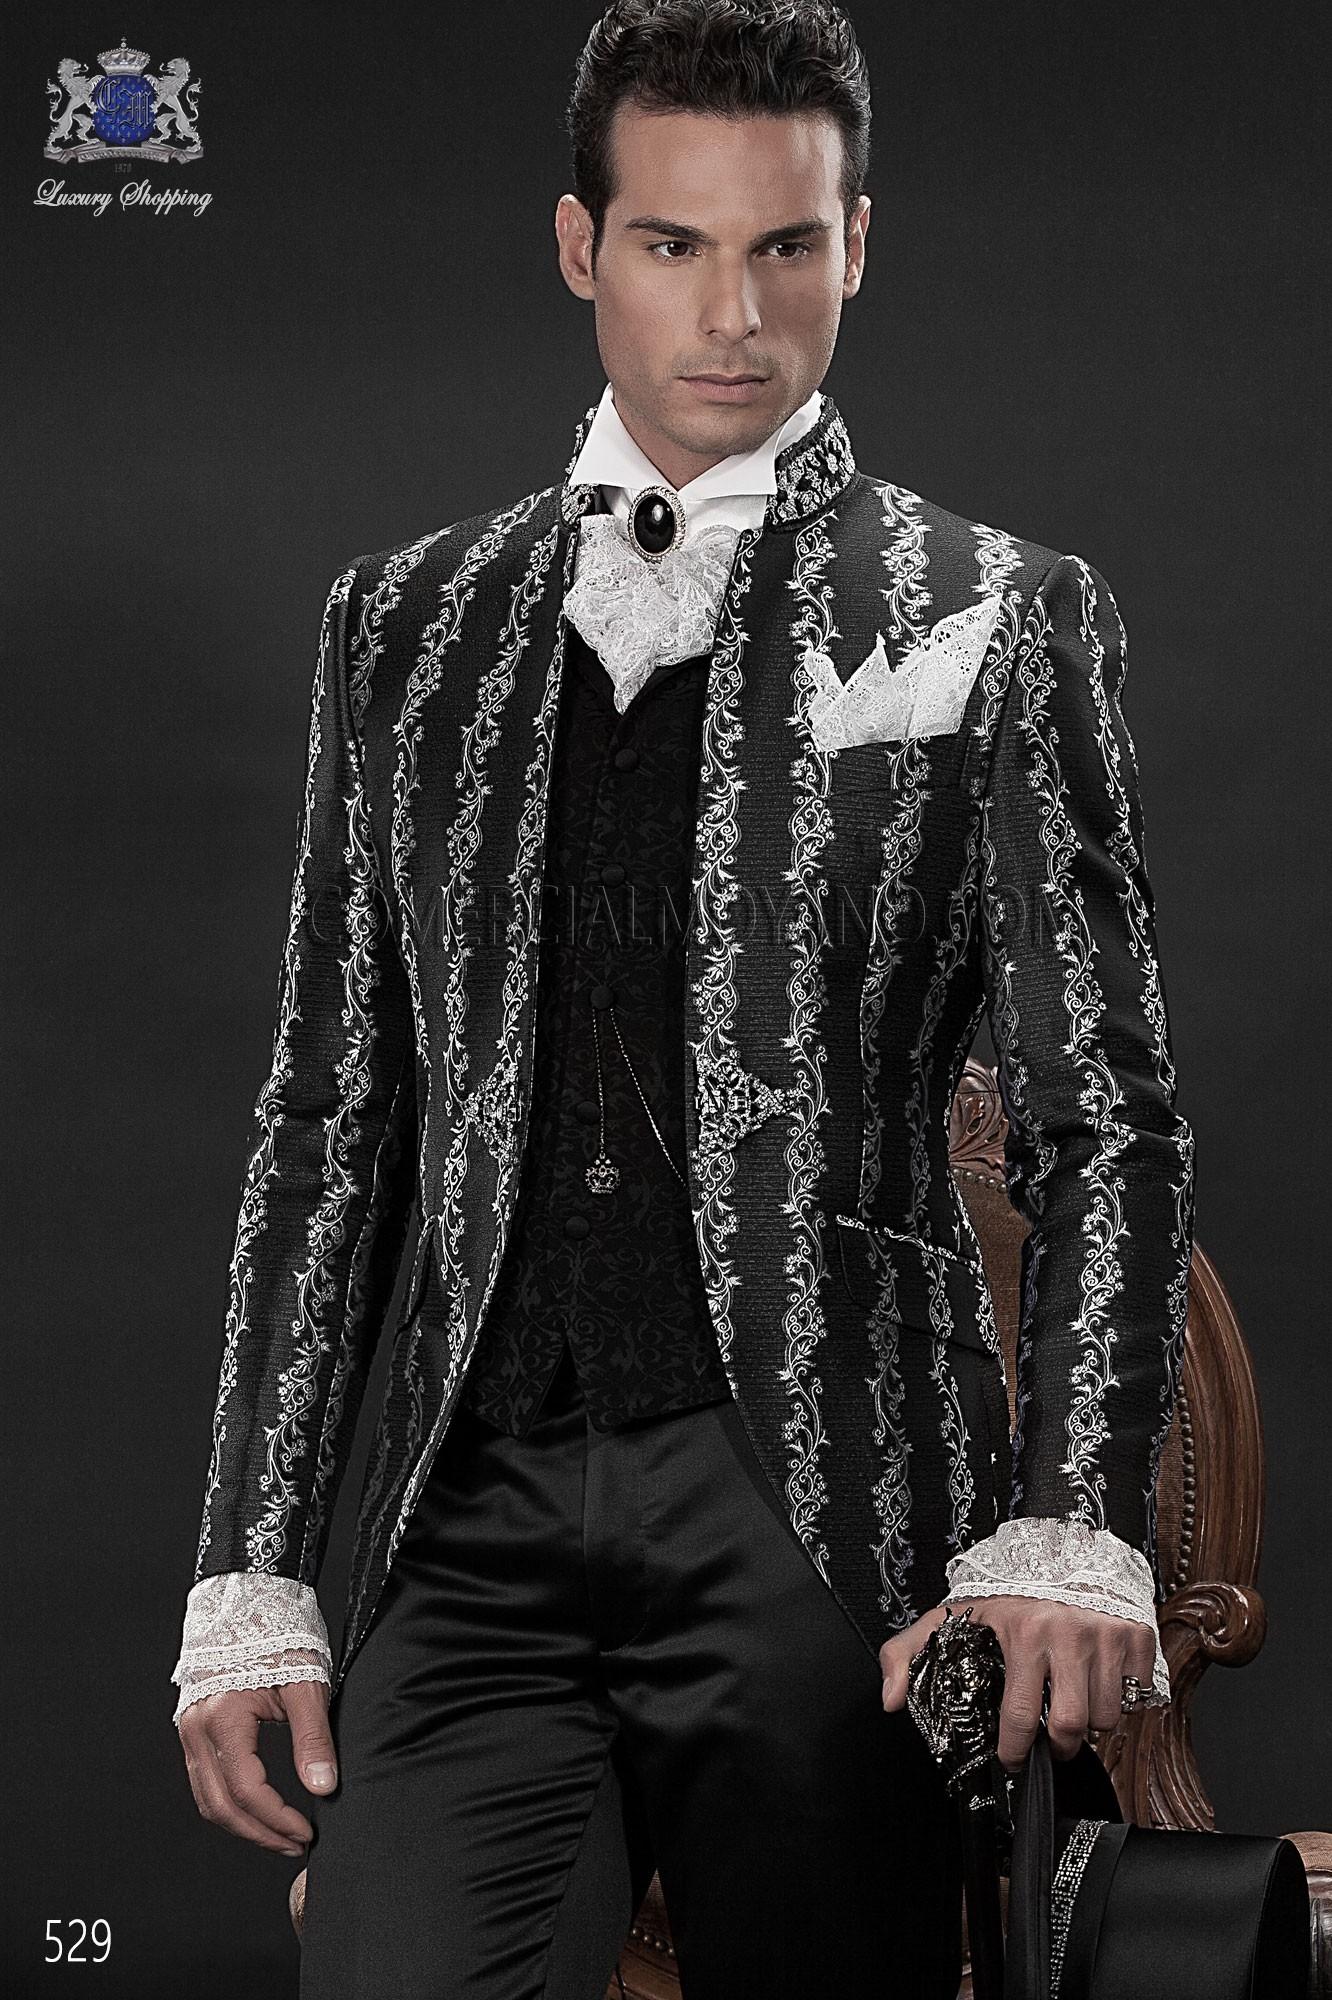 Traje de novio barroco plata y negro modelo: 529 Ottavio Nuccio Gala colección 2017 Barroco